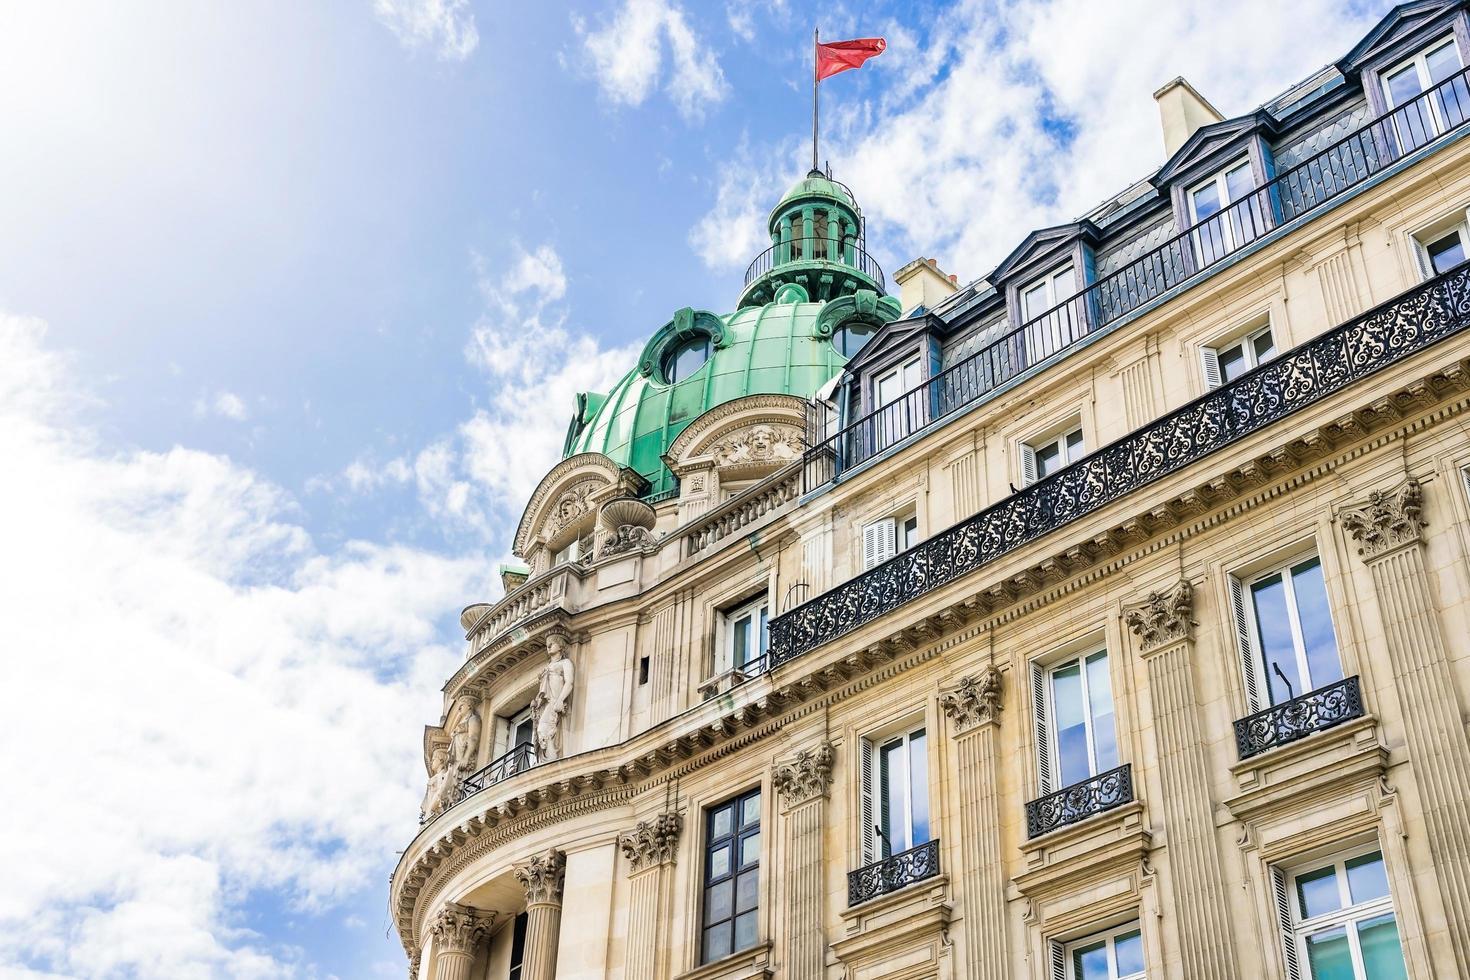 ancien bâtiment à paris, france photo